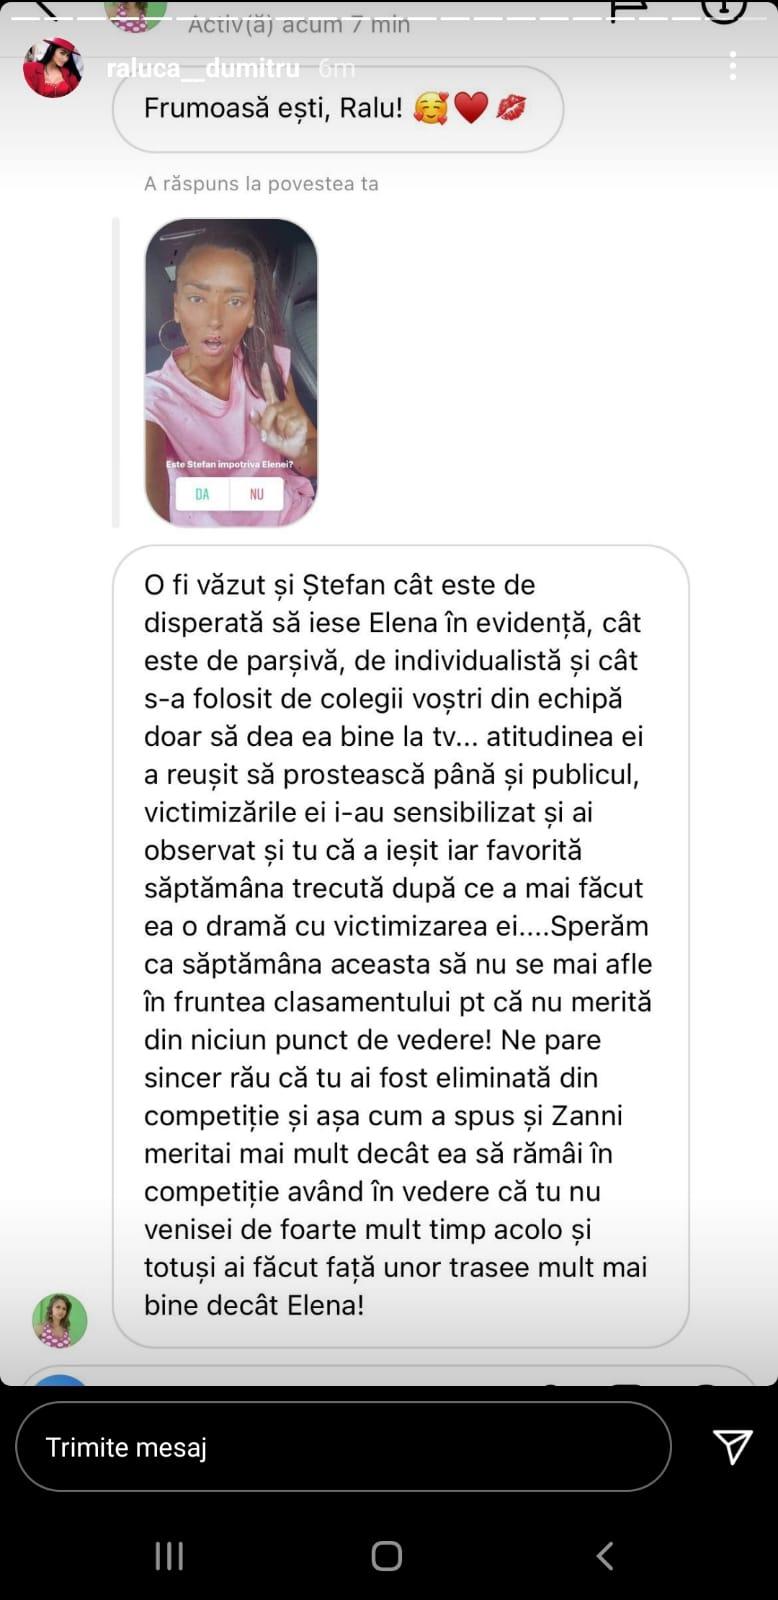 Raluca Dumitru